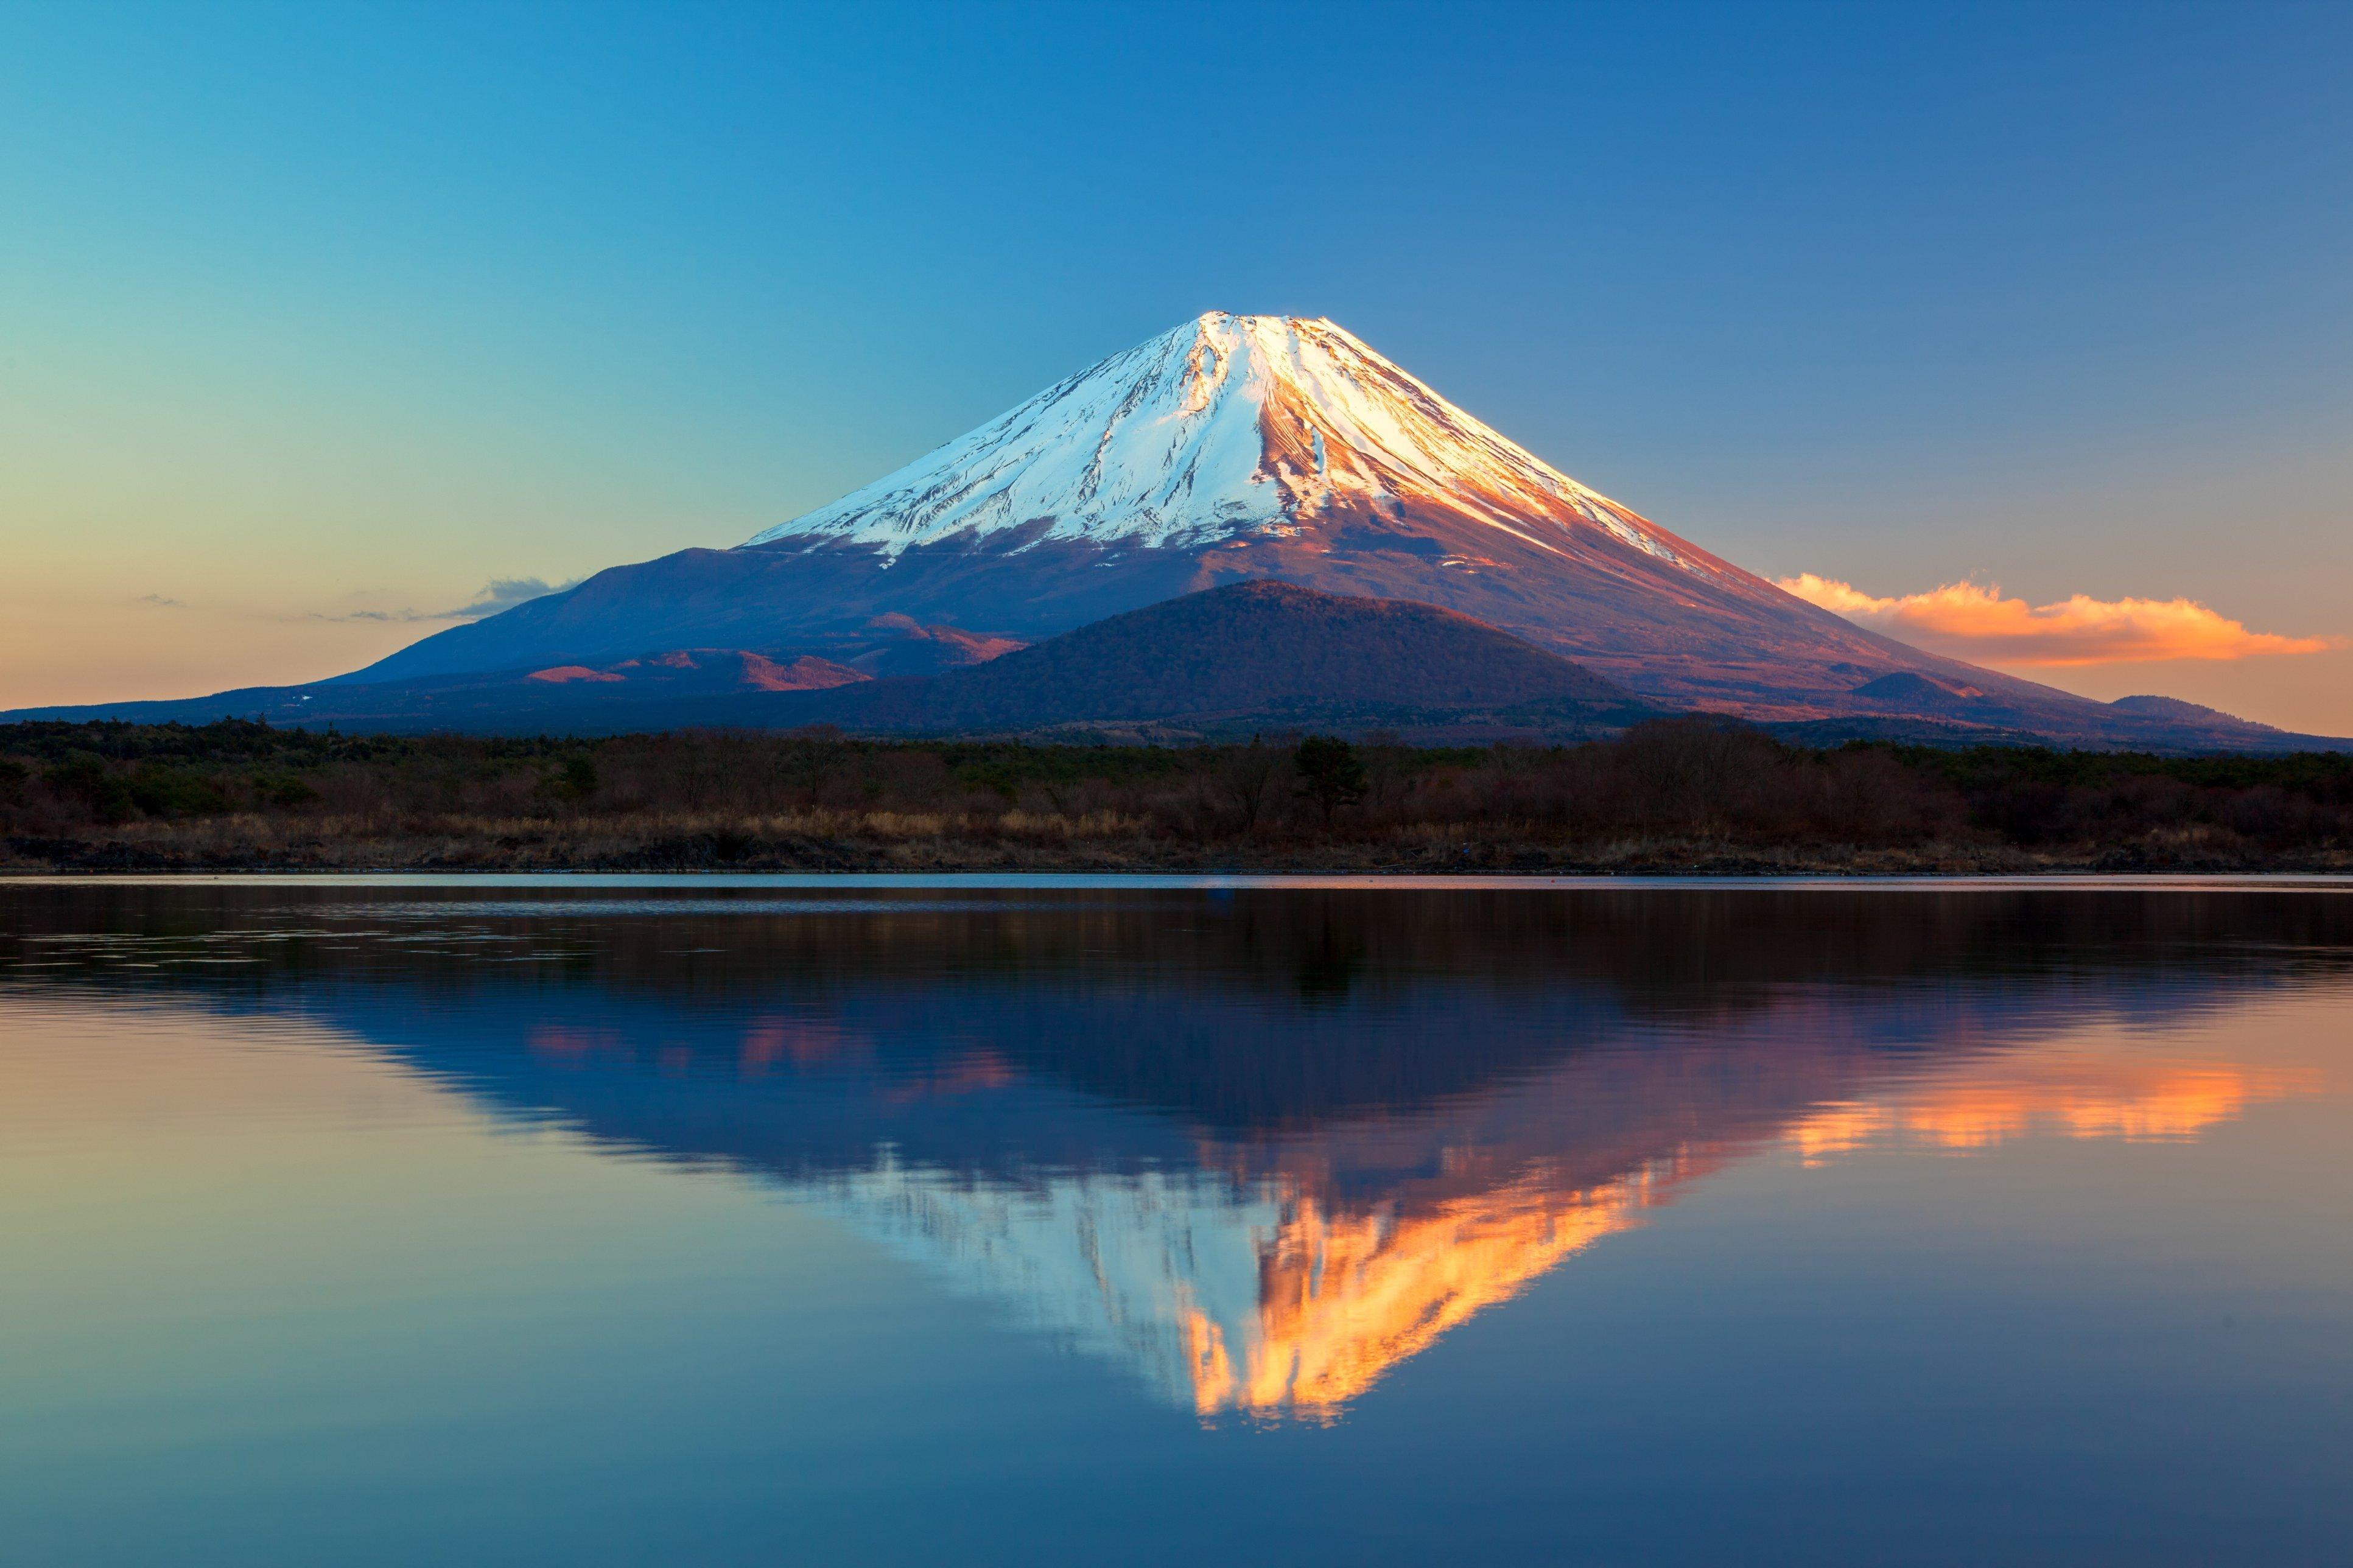 Картинка: Фудзияма, небо, гора, вулкан, Япония, пейзаж, вода, озеро, Сёдзи